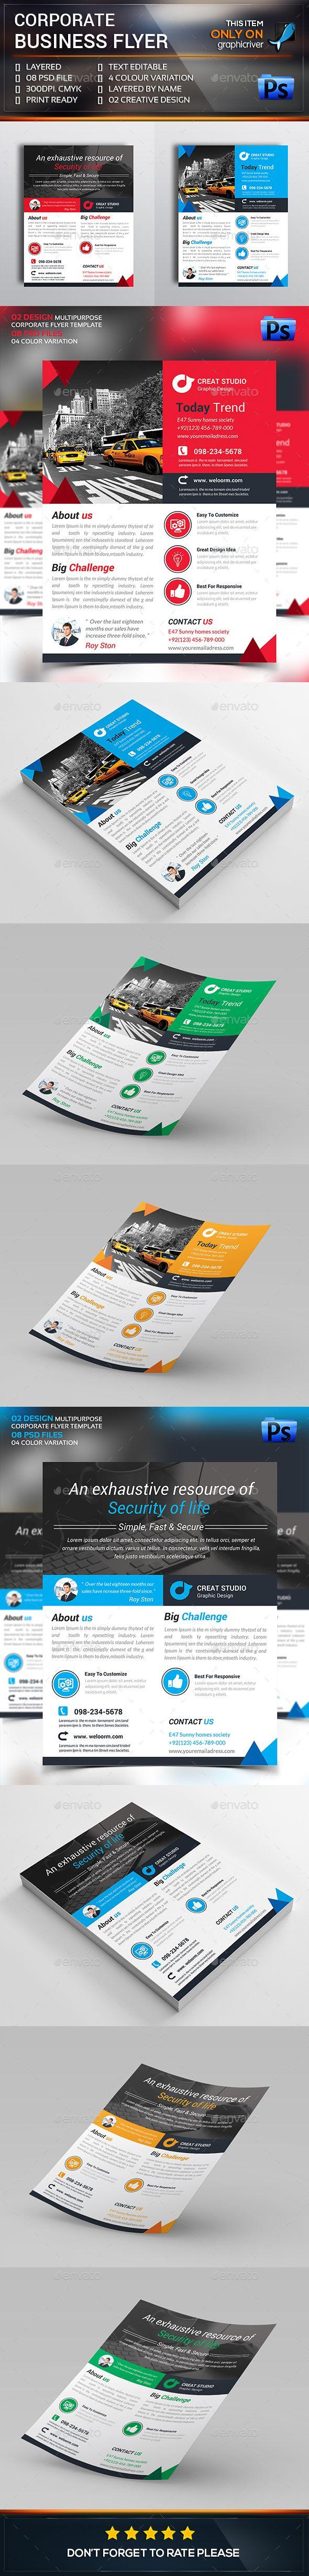 Best Design Brochures Images On   Brochure Design